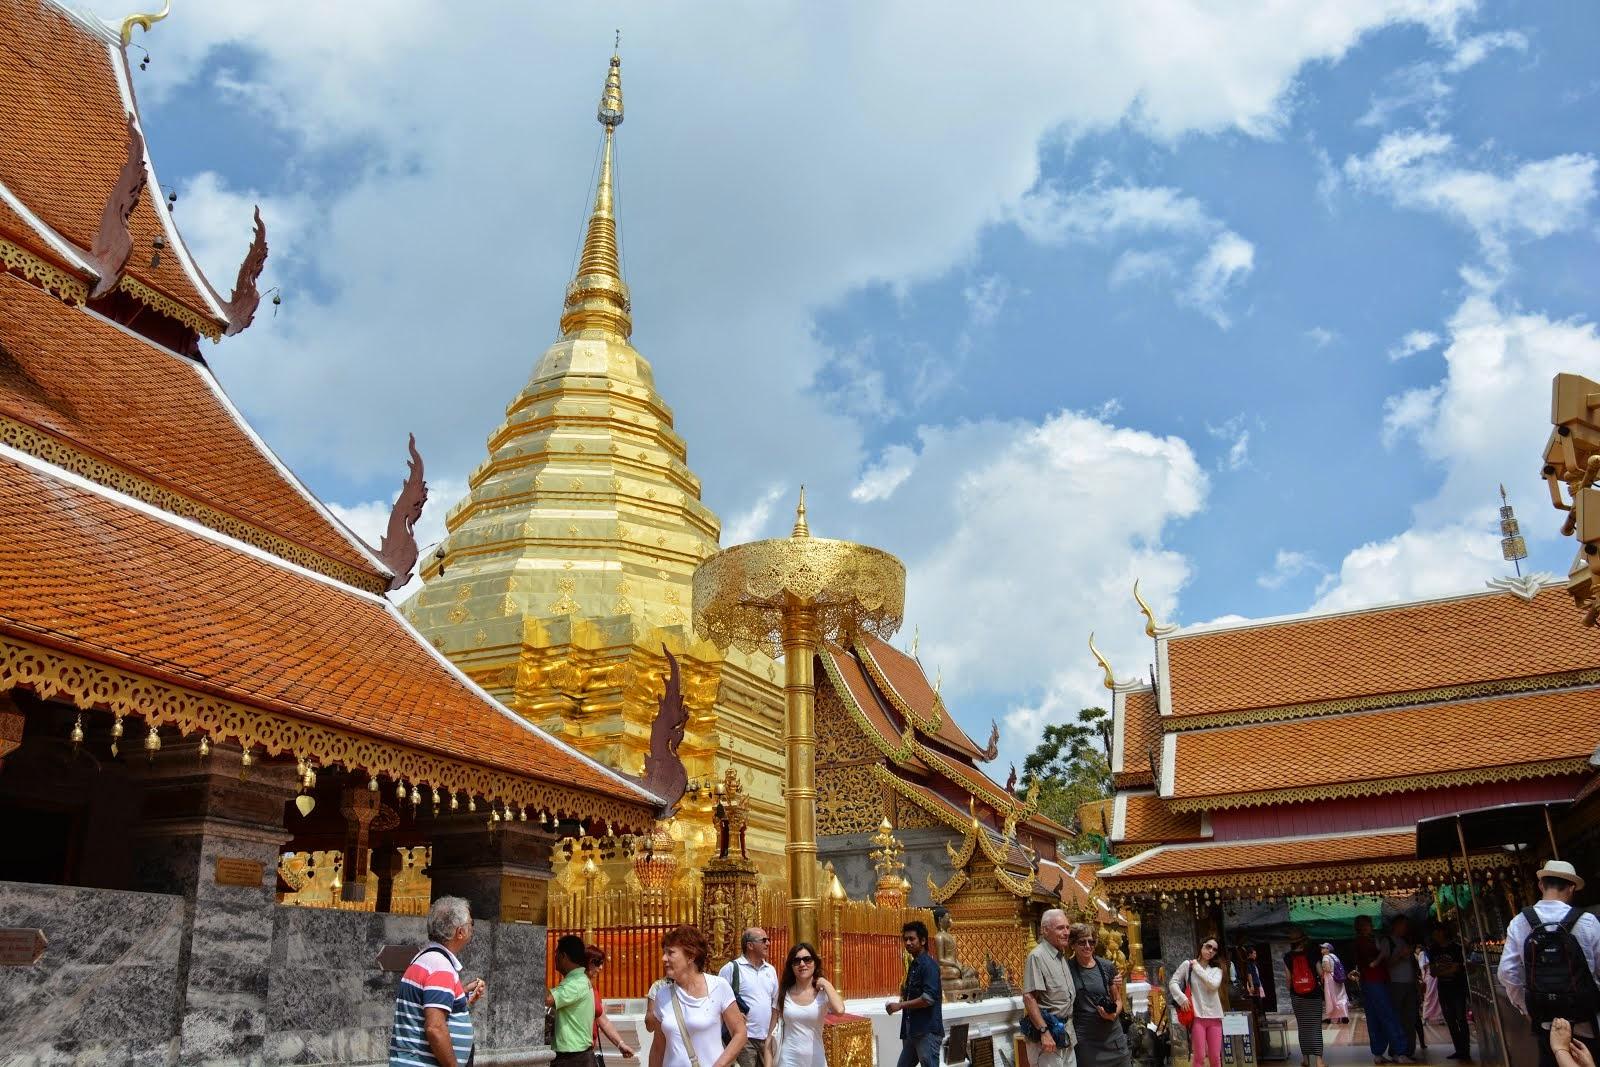 2014 2/17~2/24 曼谷清邁曼遊記行: 泰國曼谷清邁八天七夜小旅行 DAY 3